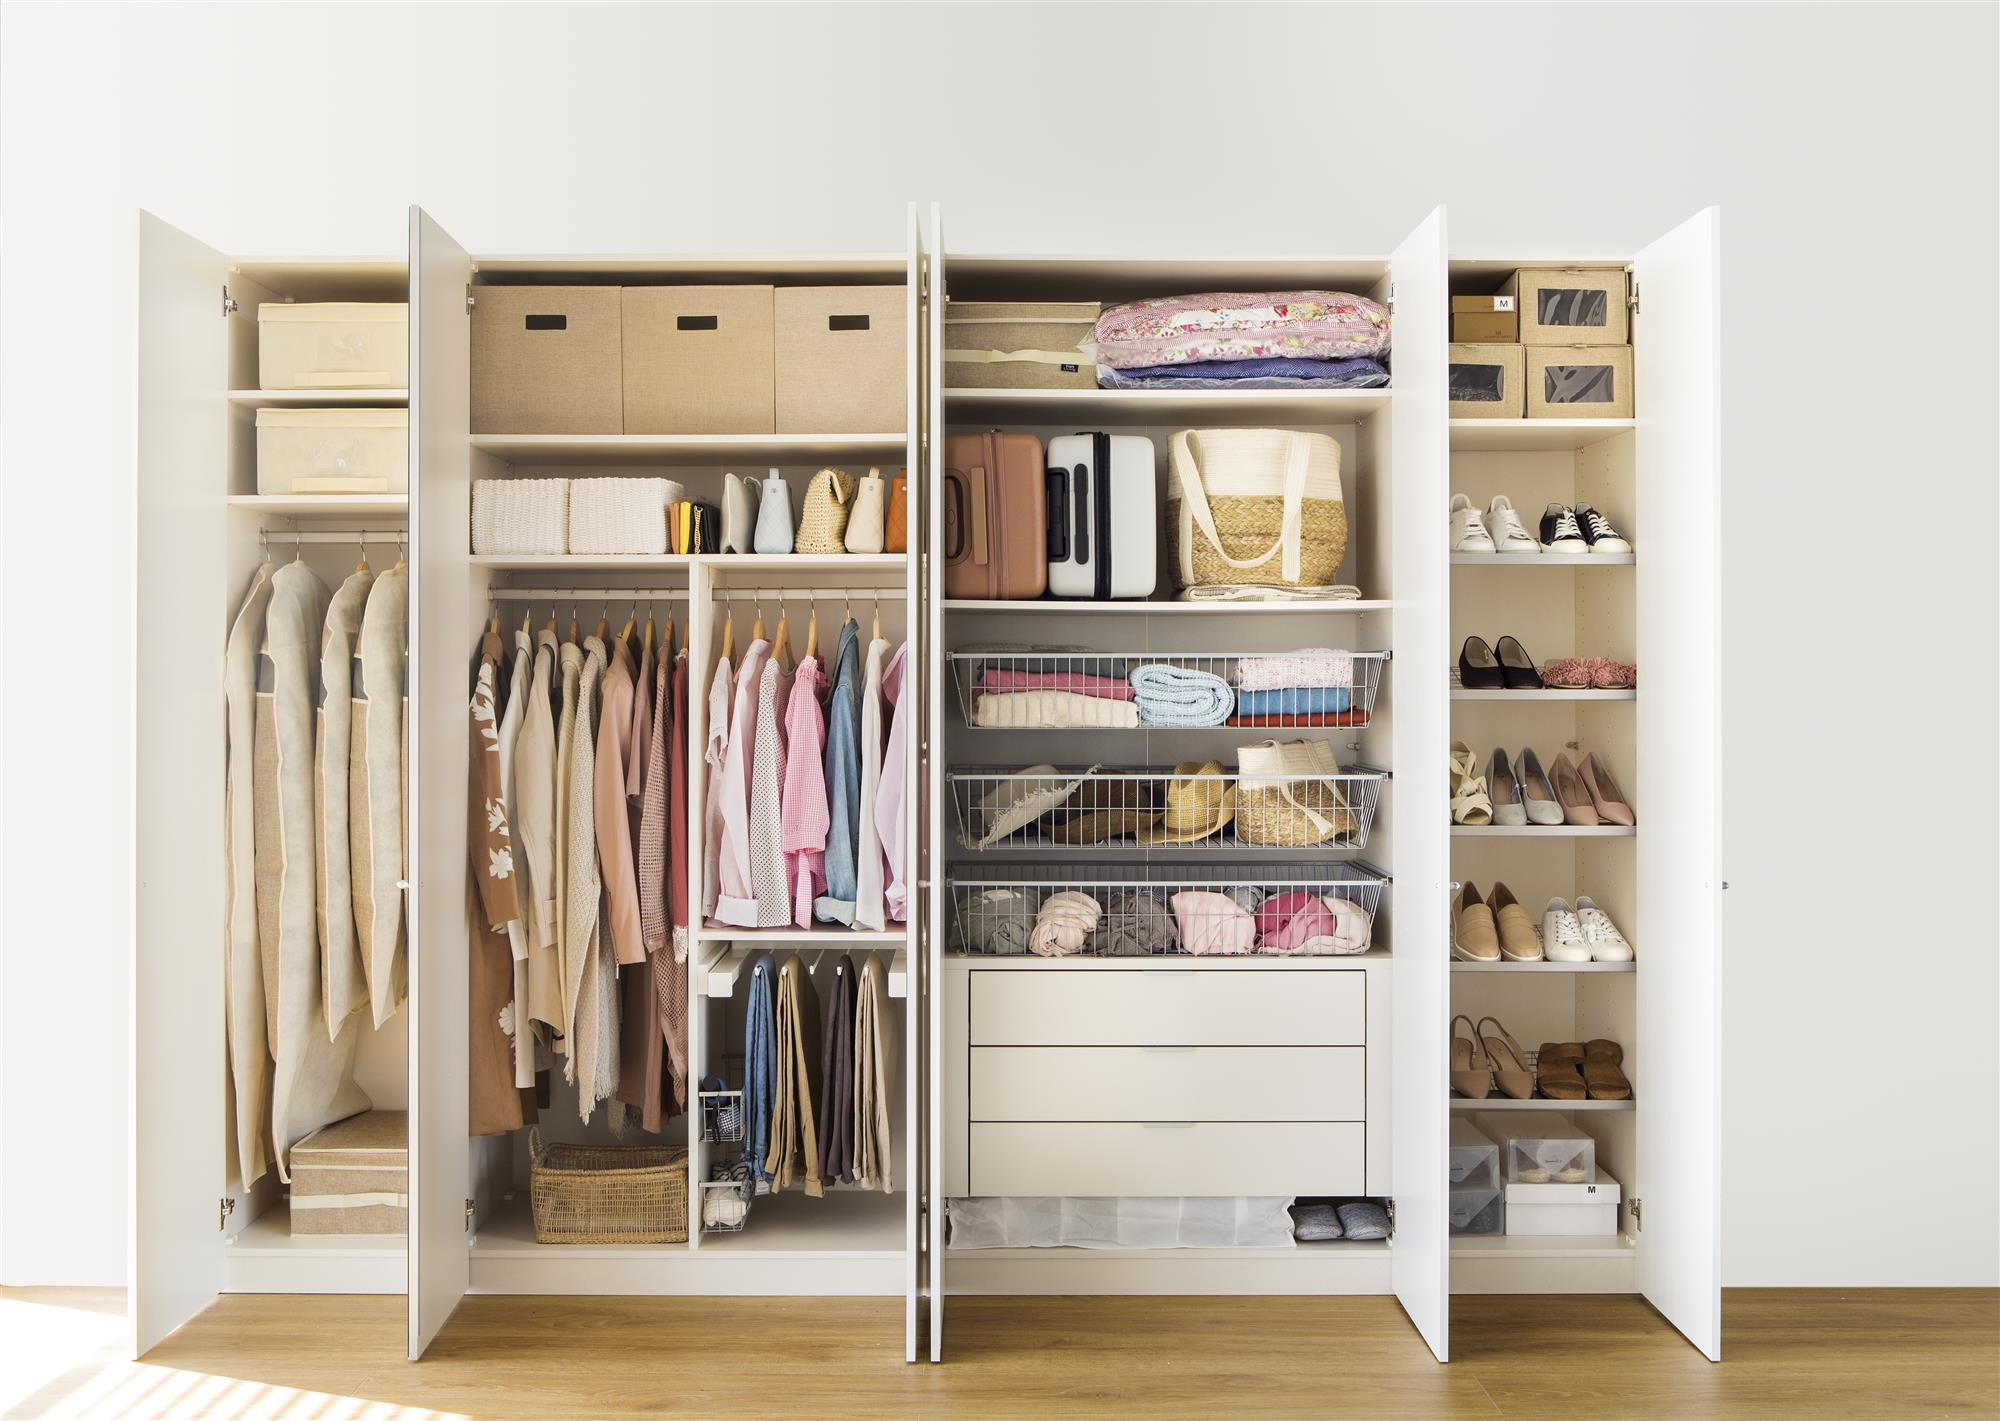 Armarios roperos armarios de cocina y armarios de ba o for Armarios roperos para habitaciones pequenas